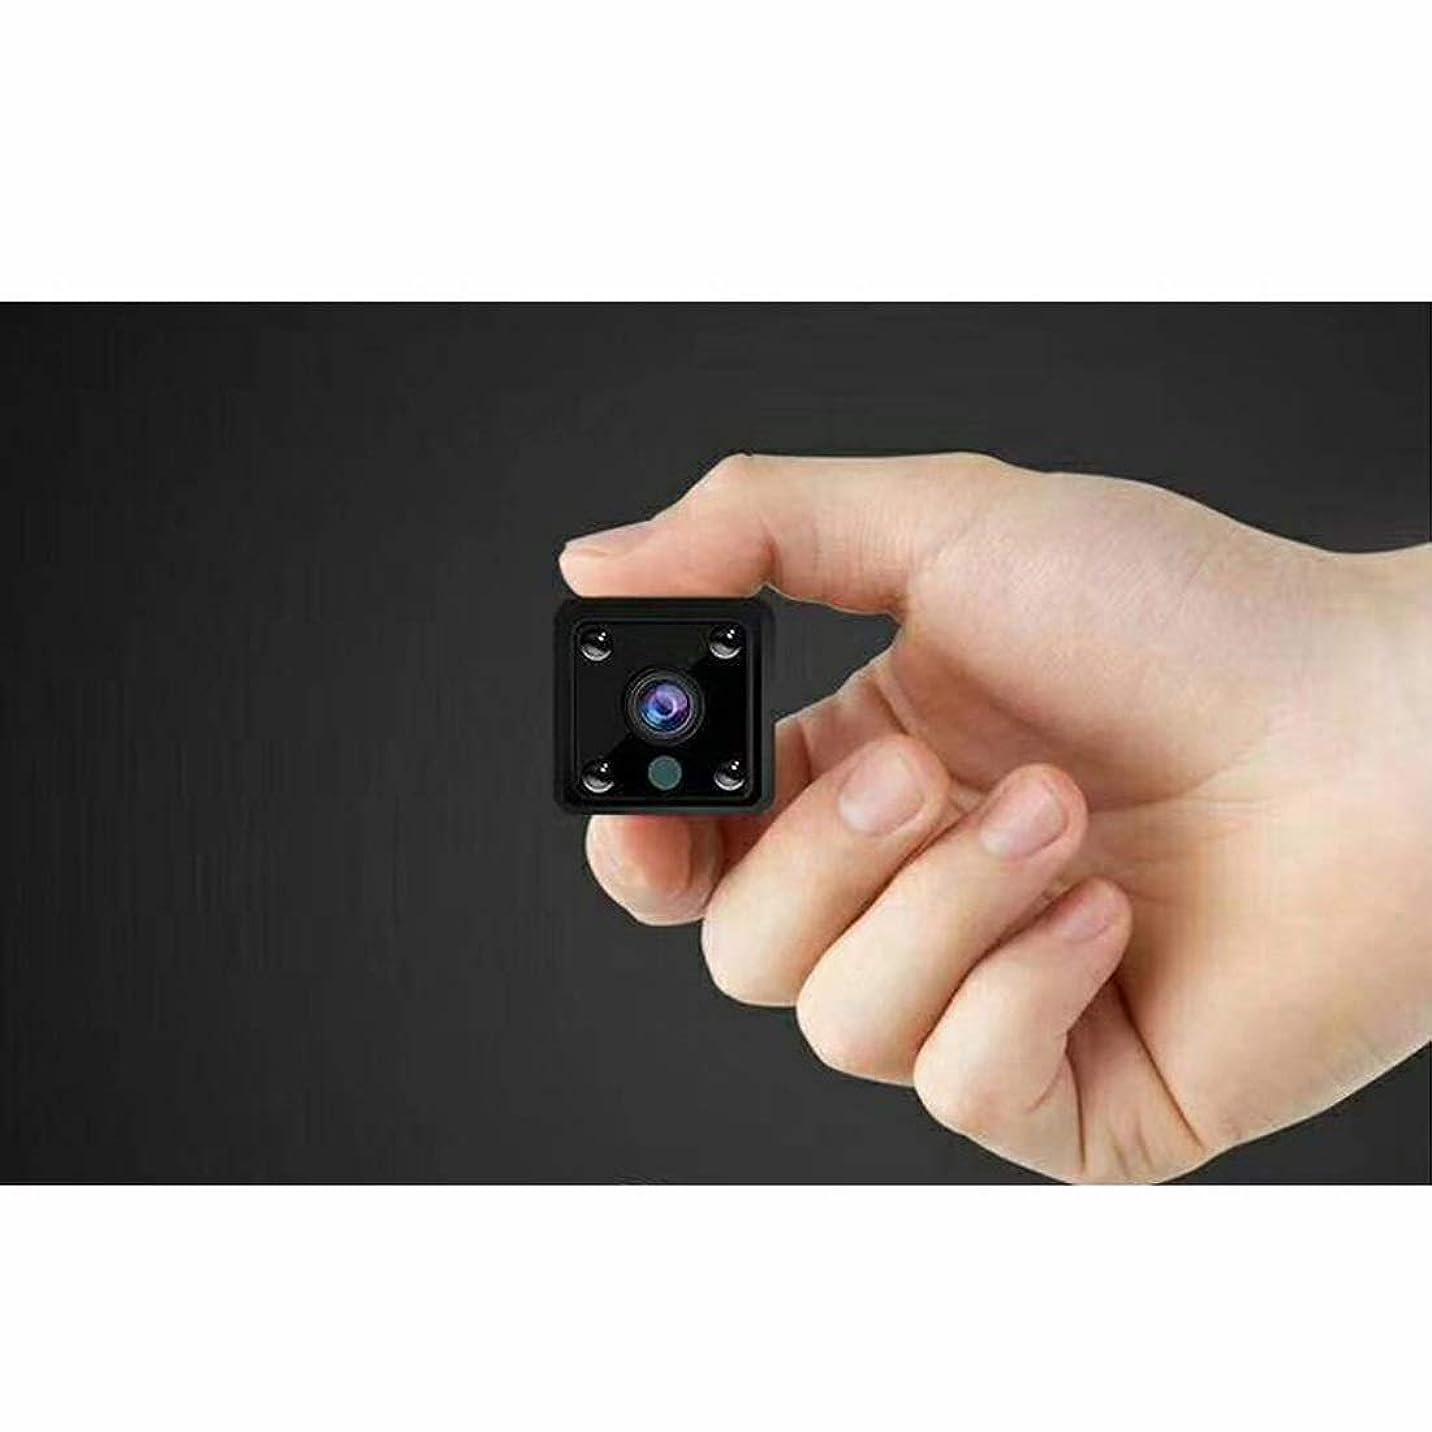 スカルク分析する怒ってYIJUPIN 1080 P HDウェブカメラモニターワイヤレスwifiminiカメラ